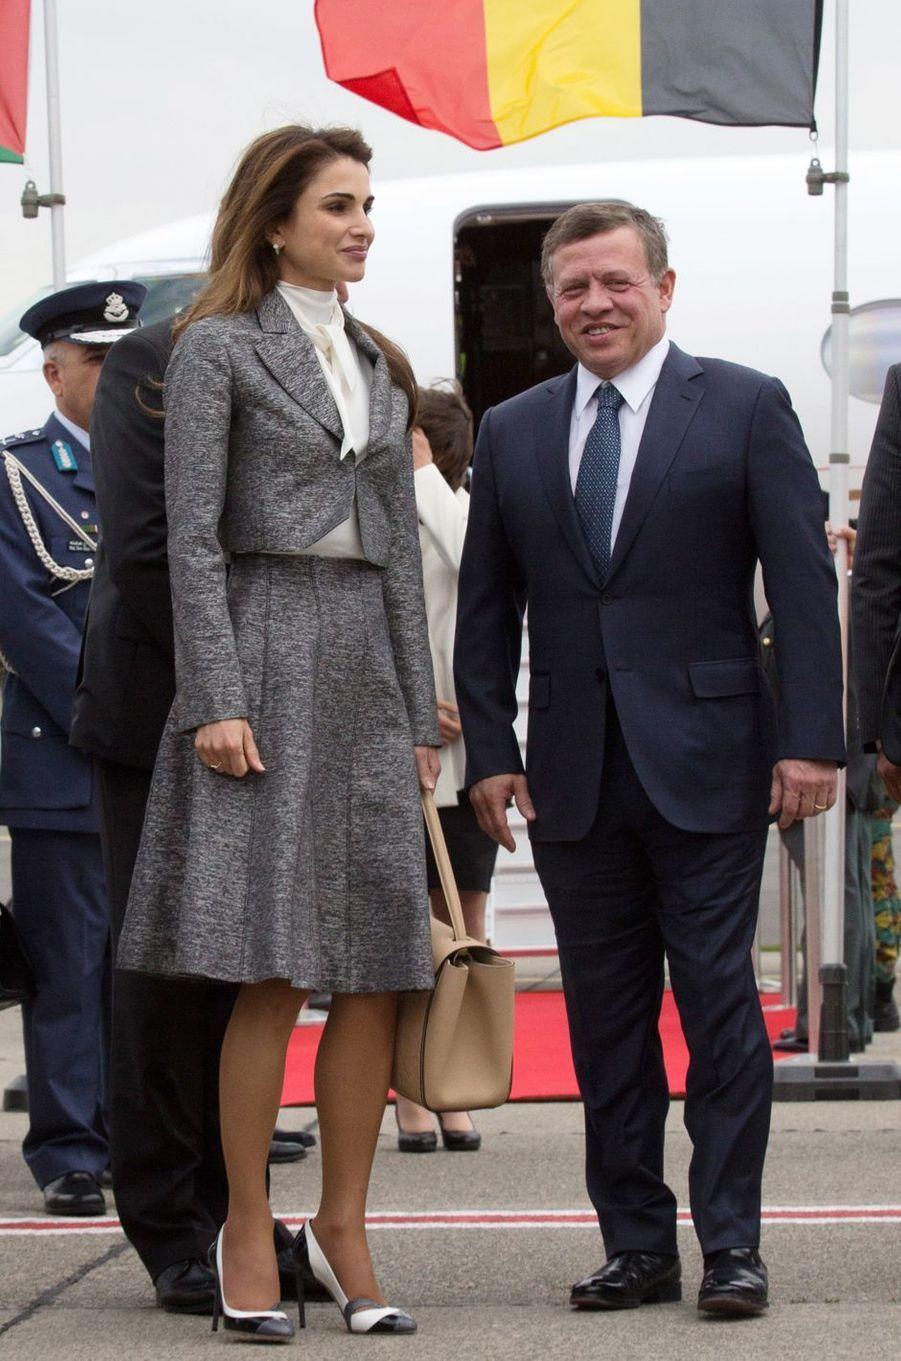 La reine Rania de Jordanie à Bruxelles avec le roi Abdallah II, le 17 mai 2016